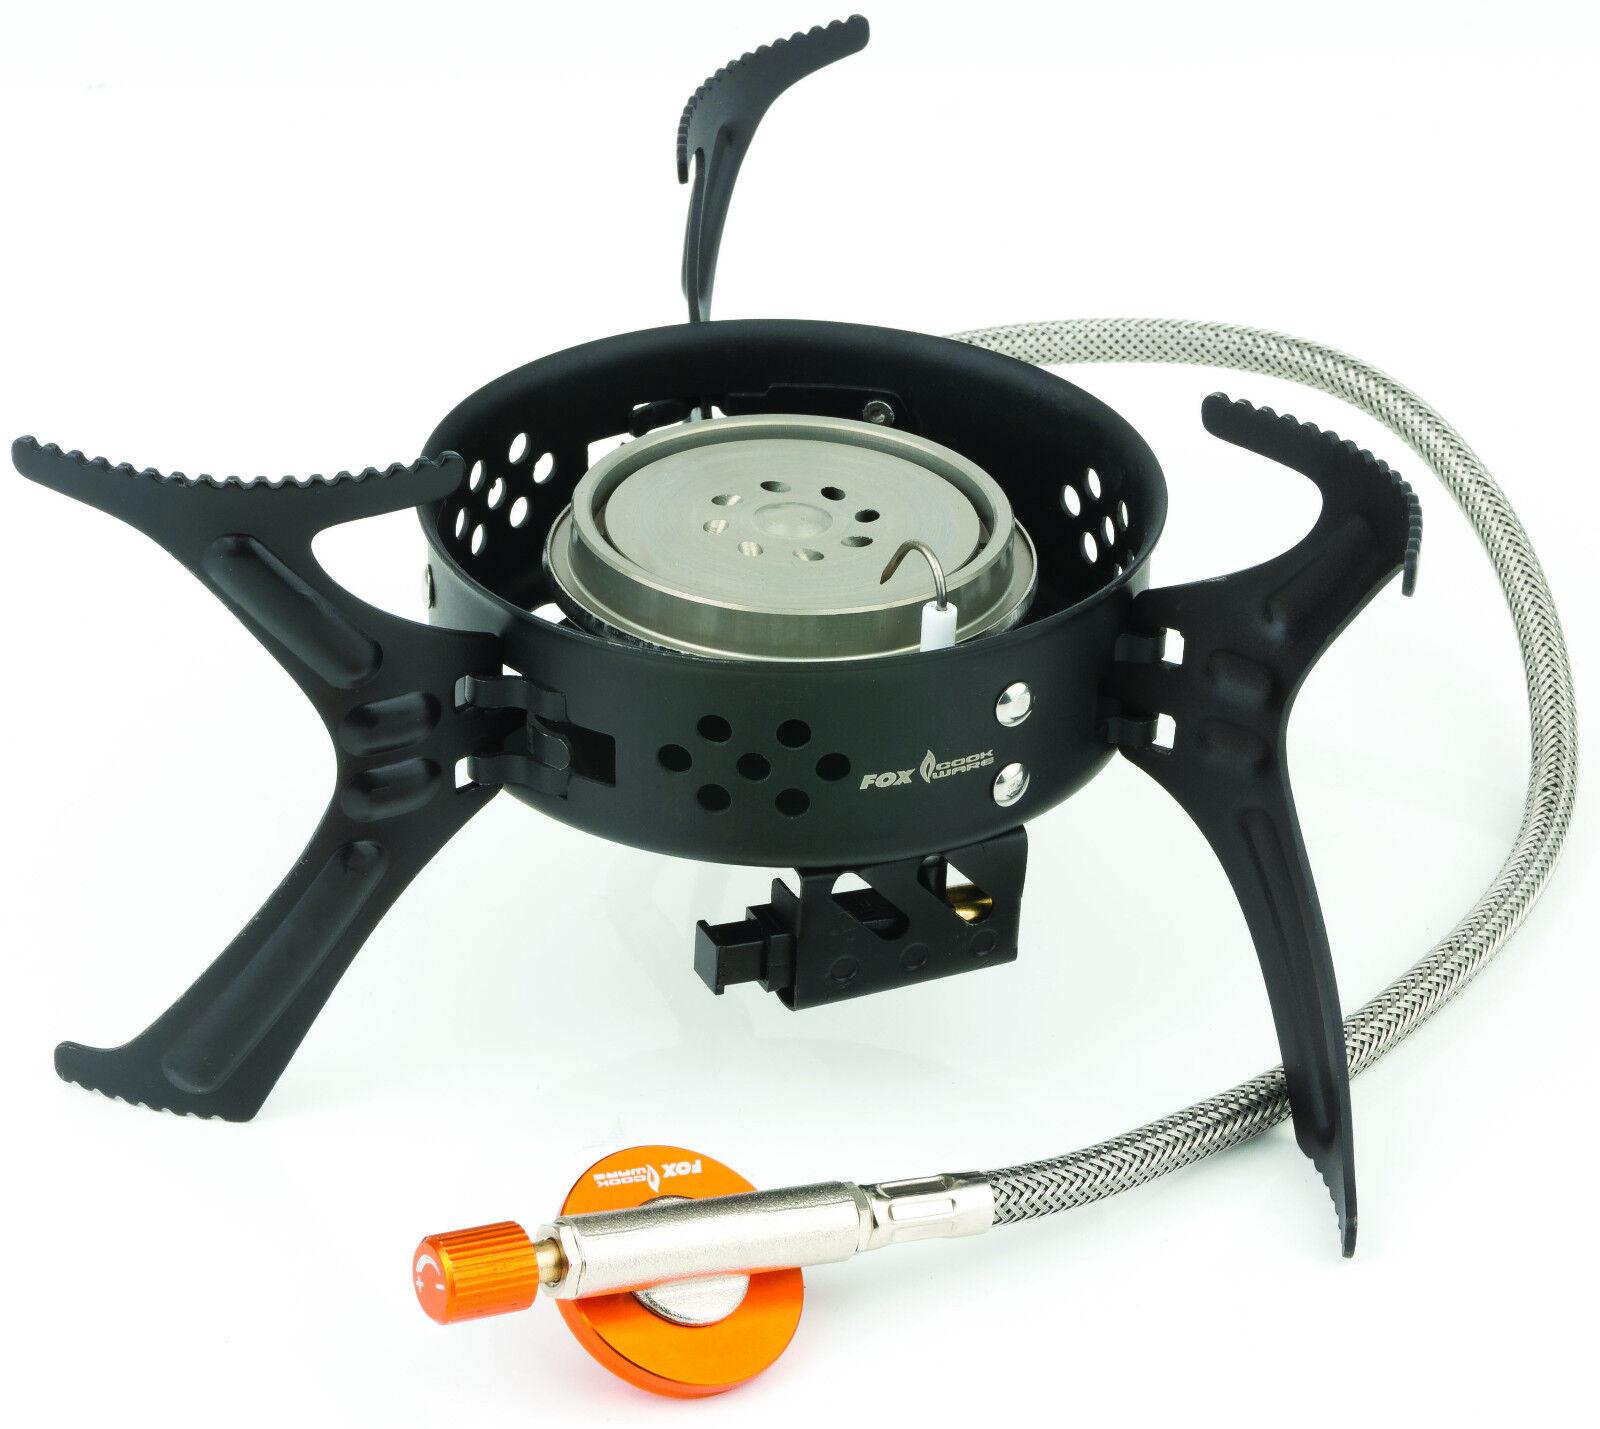 FOX Cookware Heat Transfer 3200w Butano Propano Stufa a Gas-Pesca Carpa Campeggio